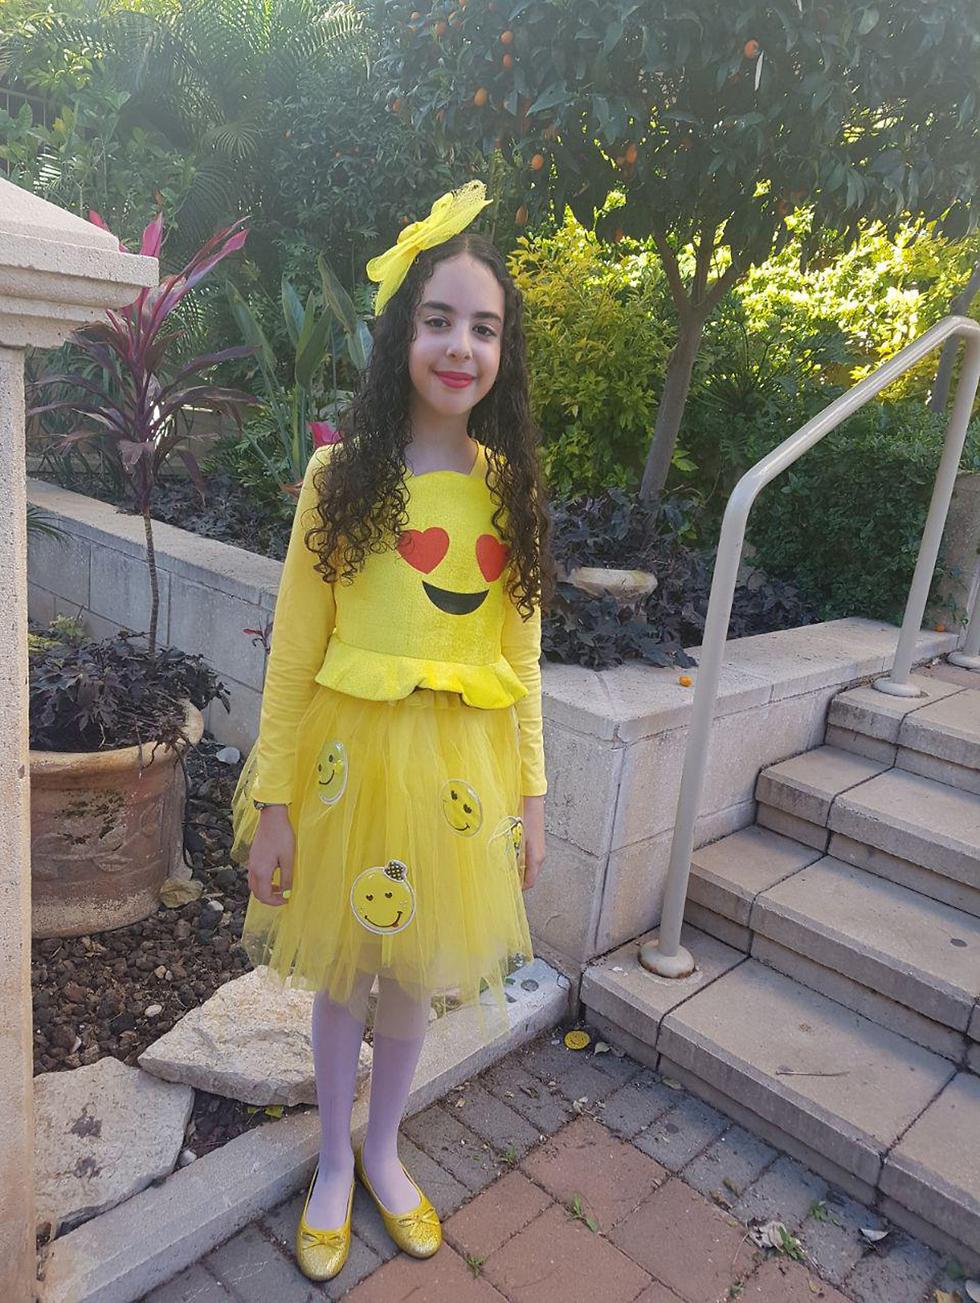 רומי בת ה-11 שהתחפשה לגברת אימוג'י מלכת הלבבות ()